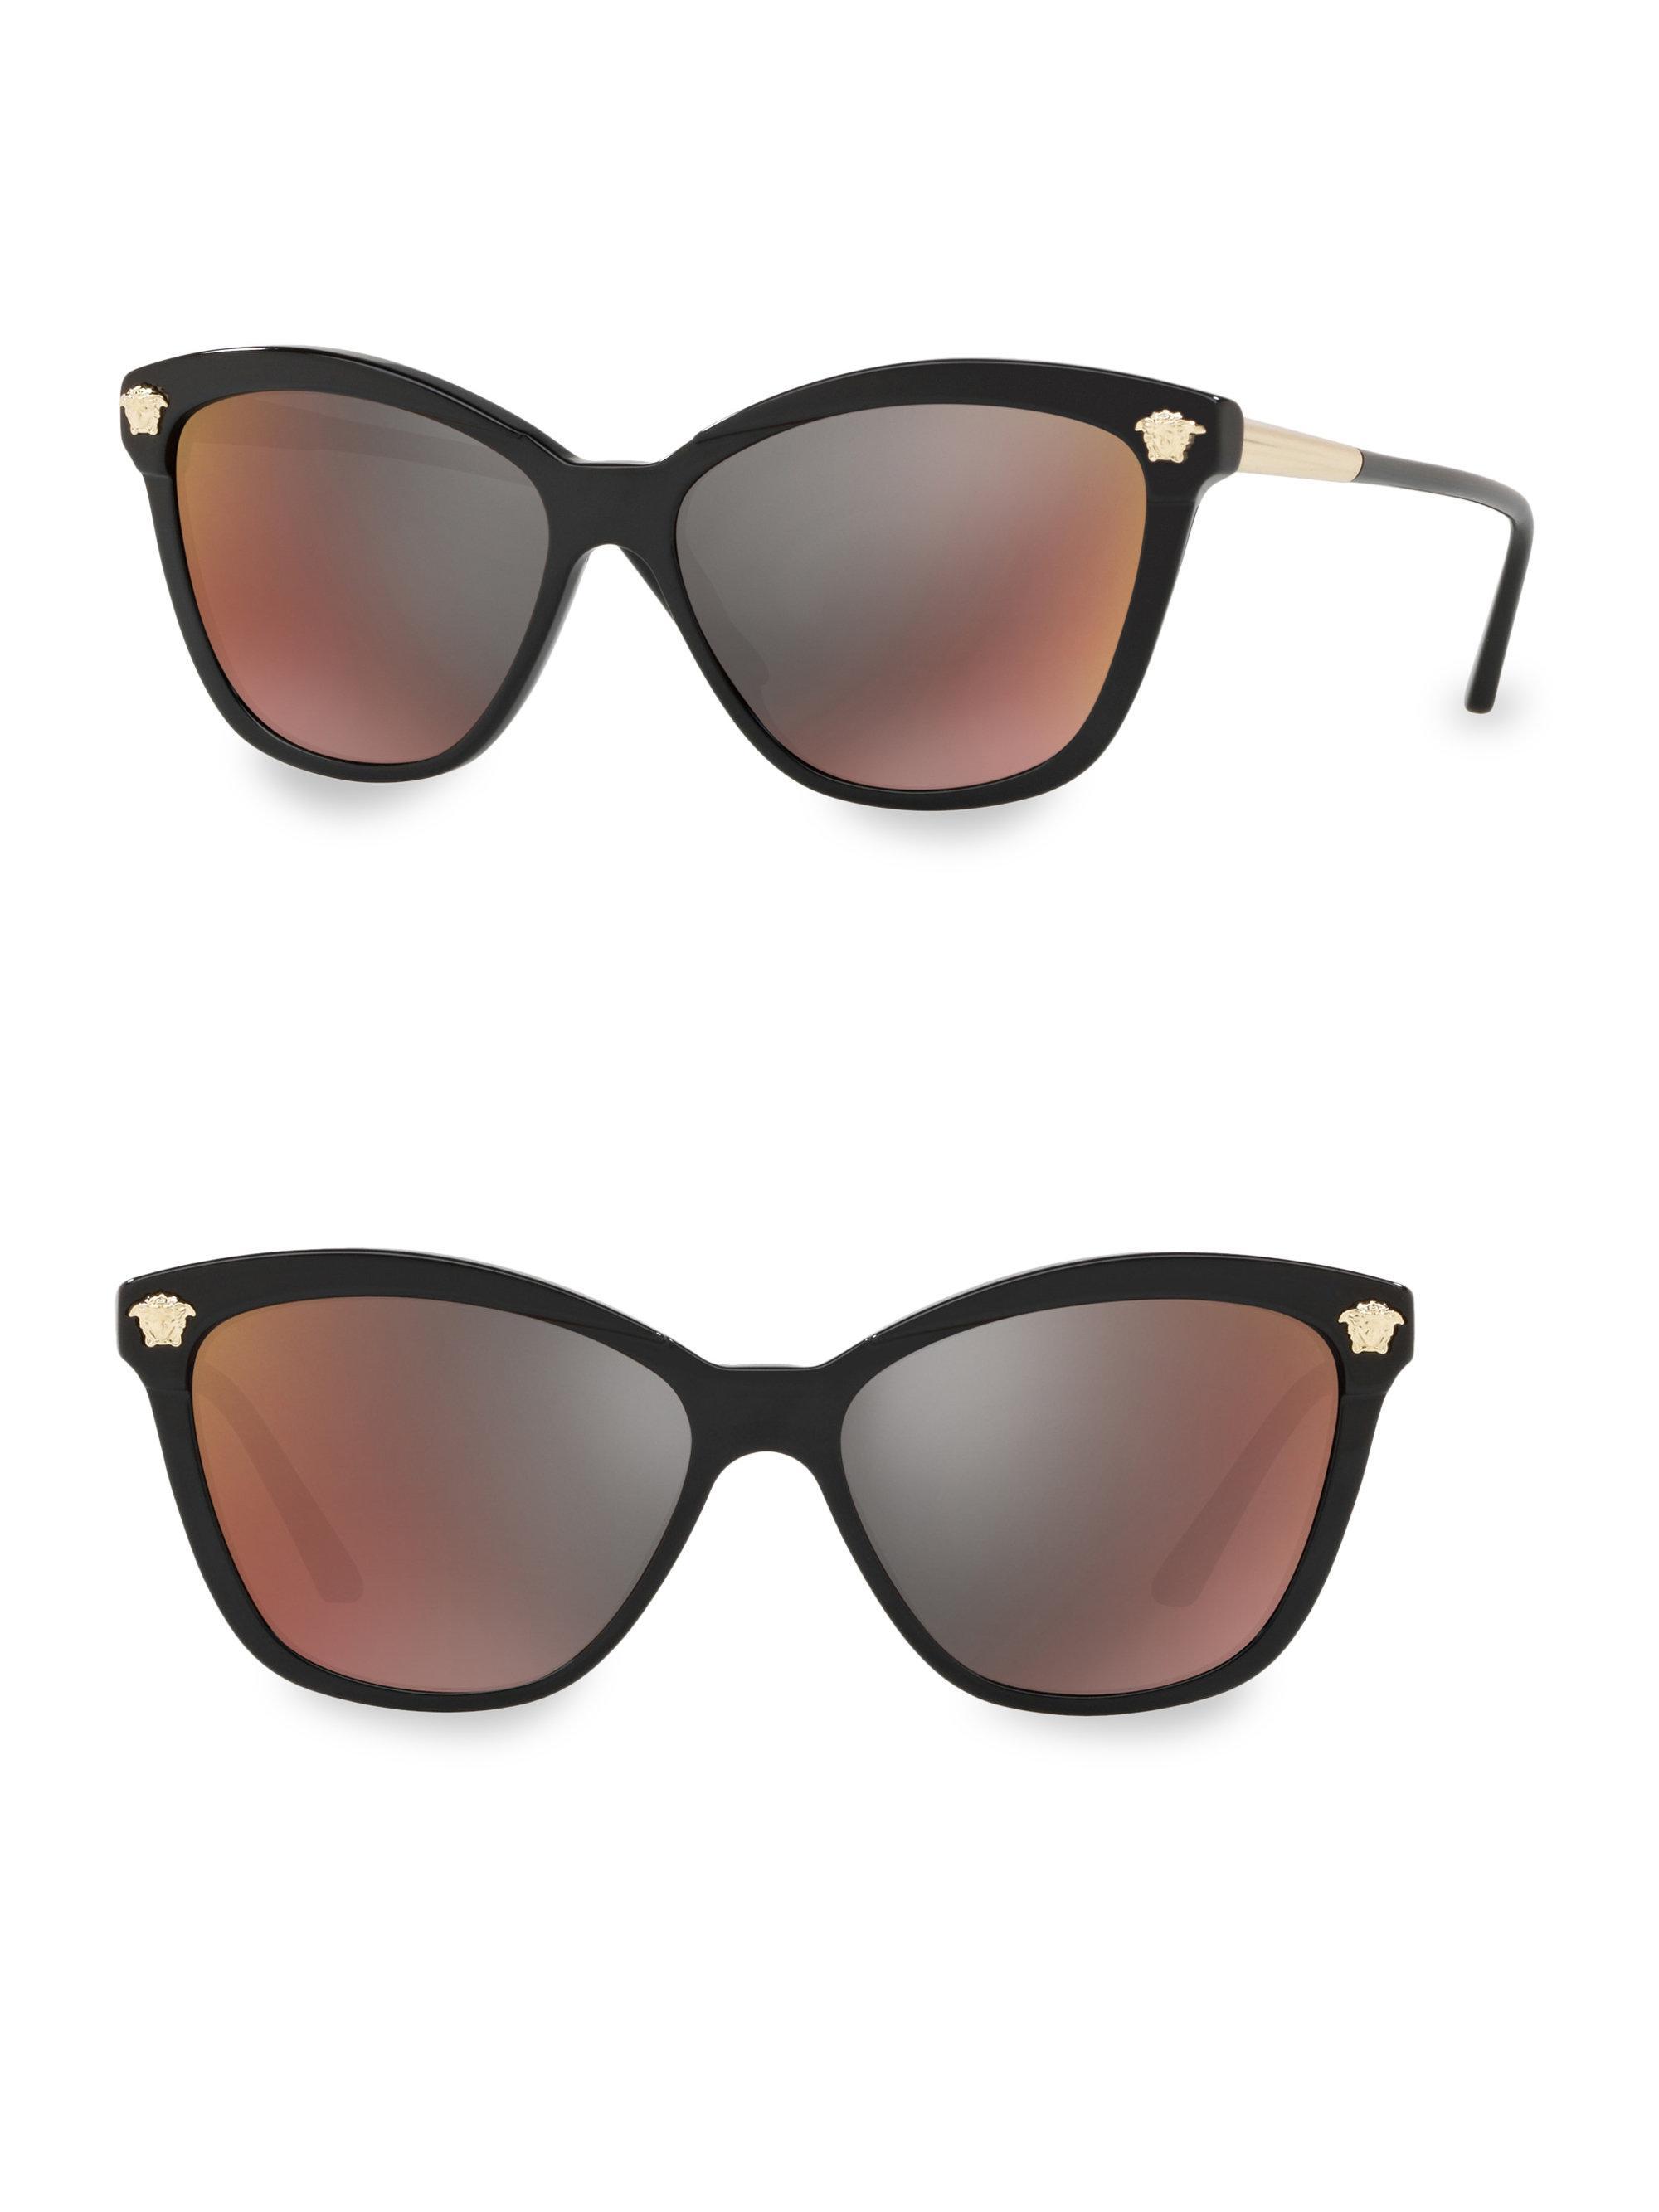 8ea9e2958847 Versace 57mm 4313 Butterfly Sunglasses in Black - Lyst